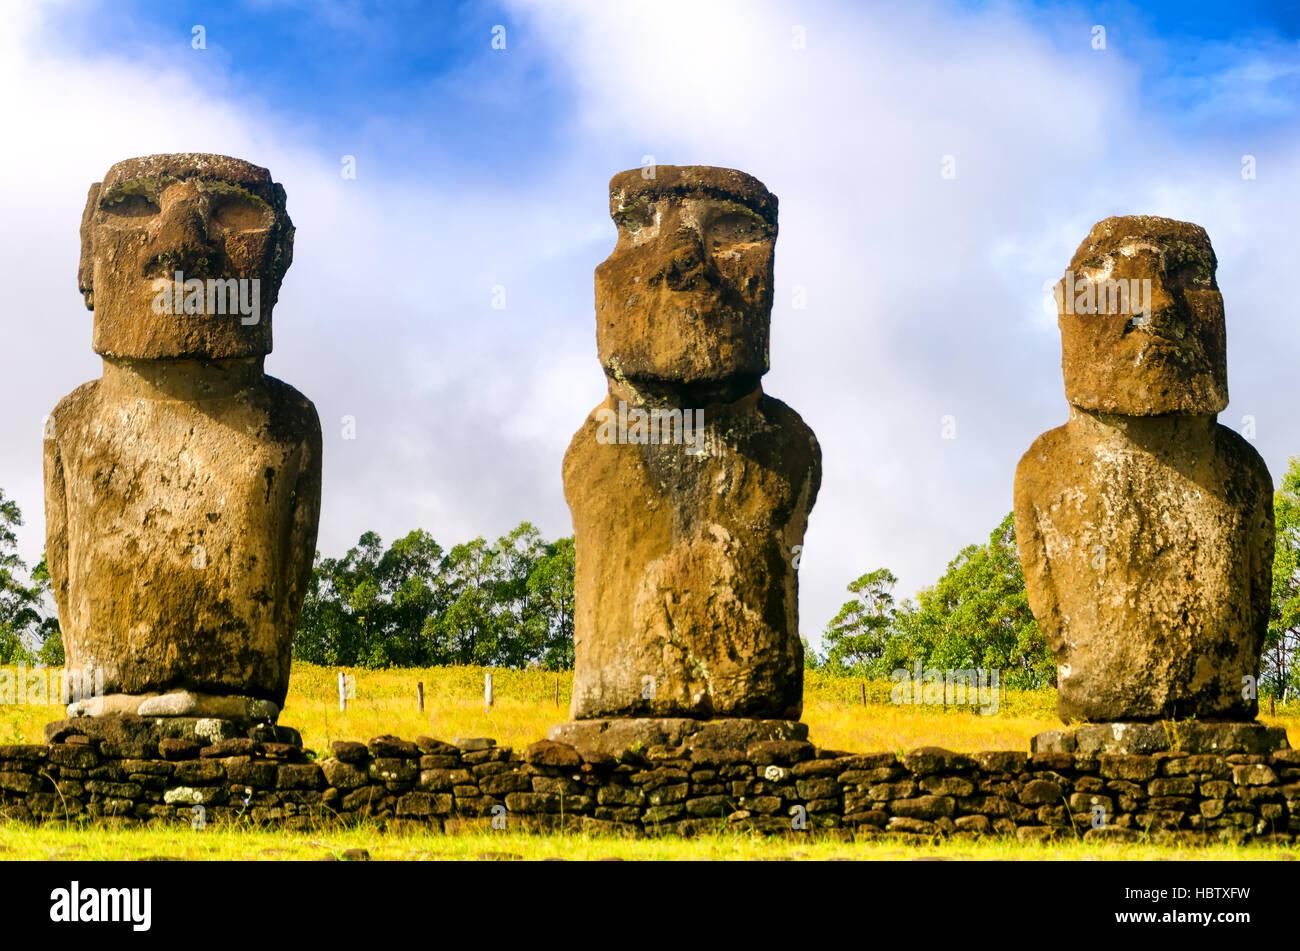 Trois statues moai sur l'île de Pâques, Chili Photo Stock